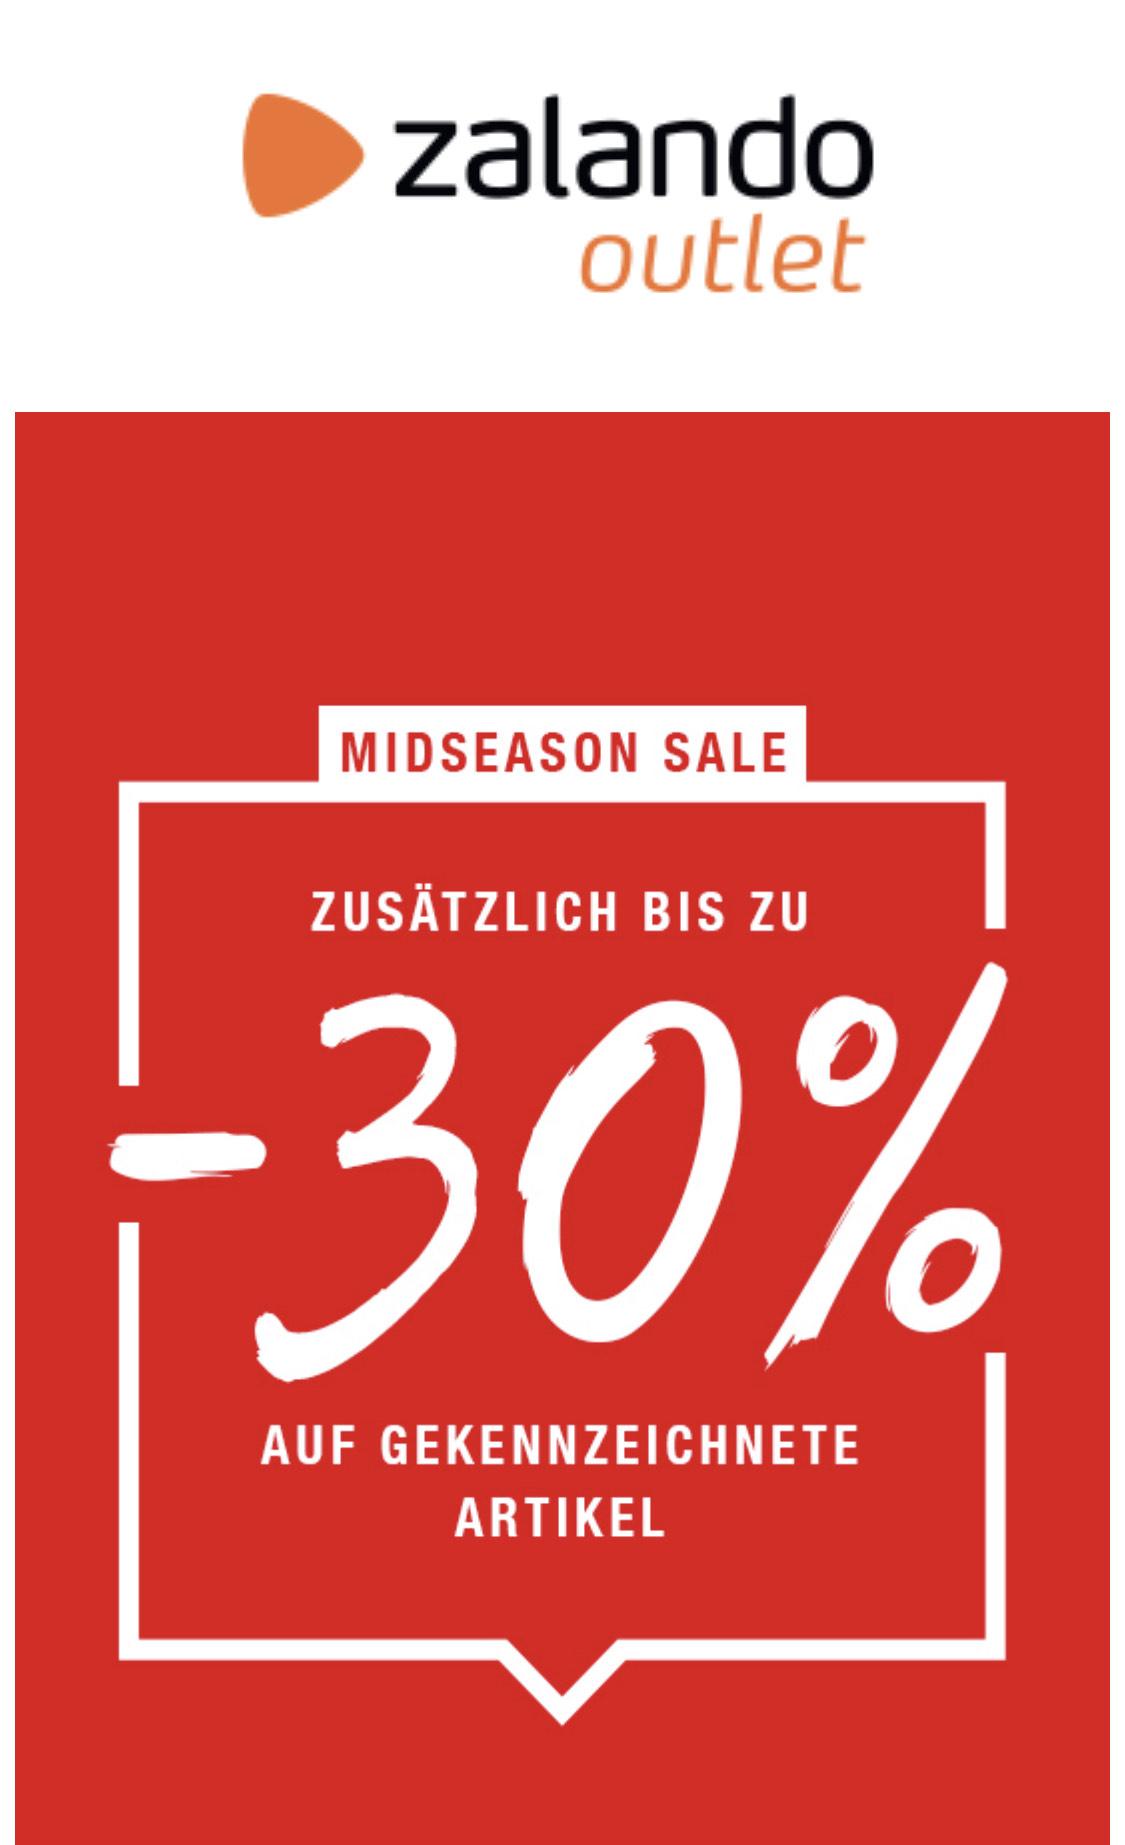 Zalando Outlet zusätzlich bis zu 30% Rabatt- Berlin Frankfurt Köln Hamburg Leipzig und Stuttgart